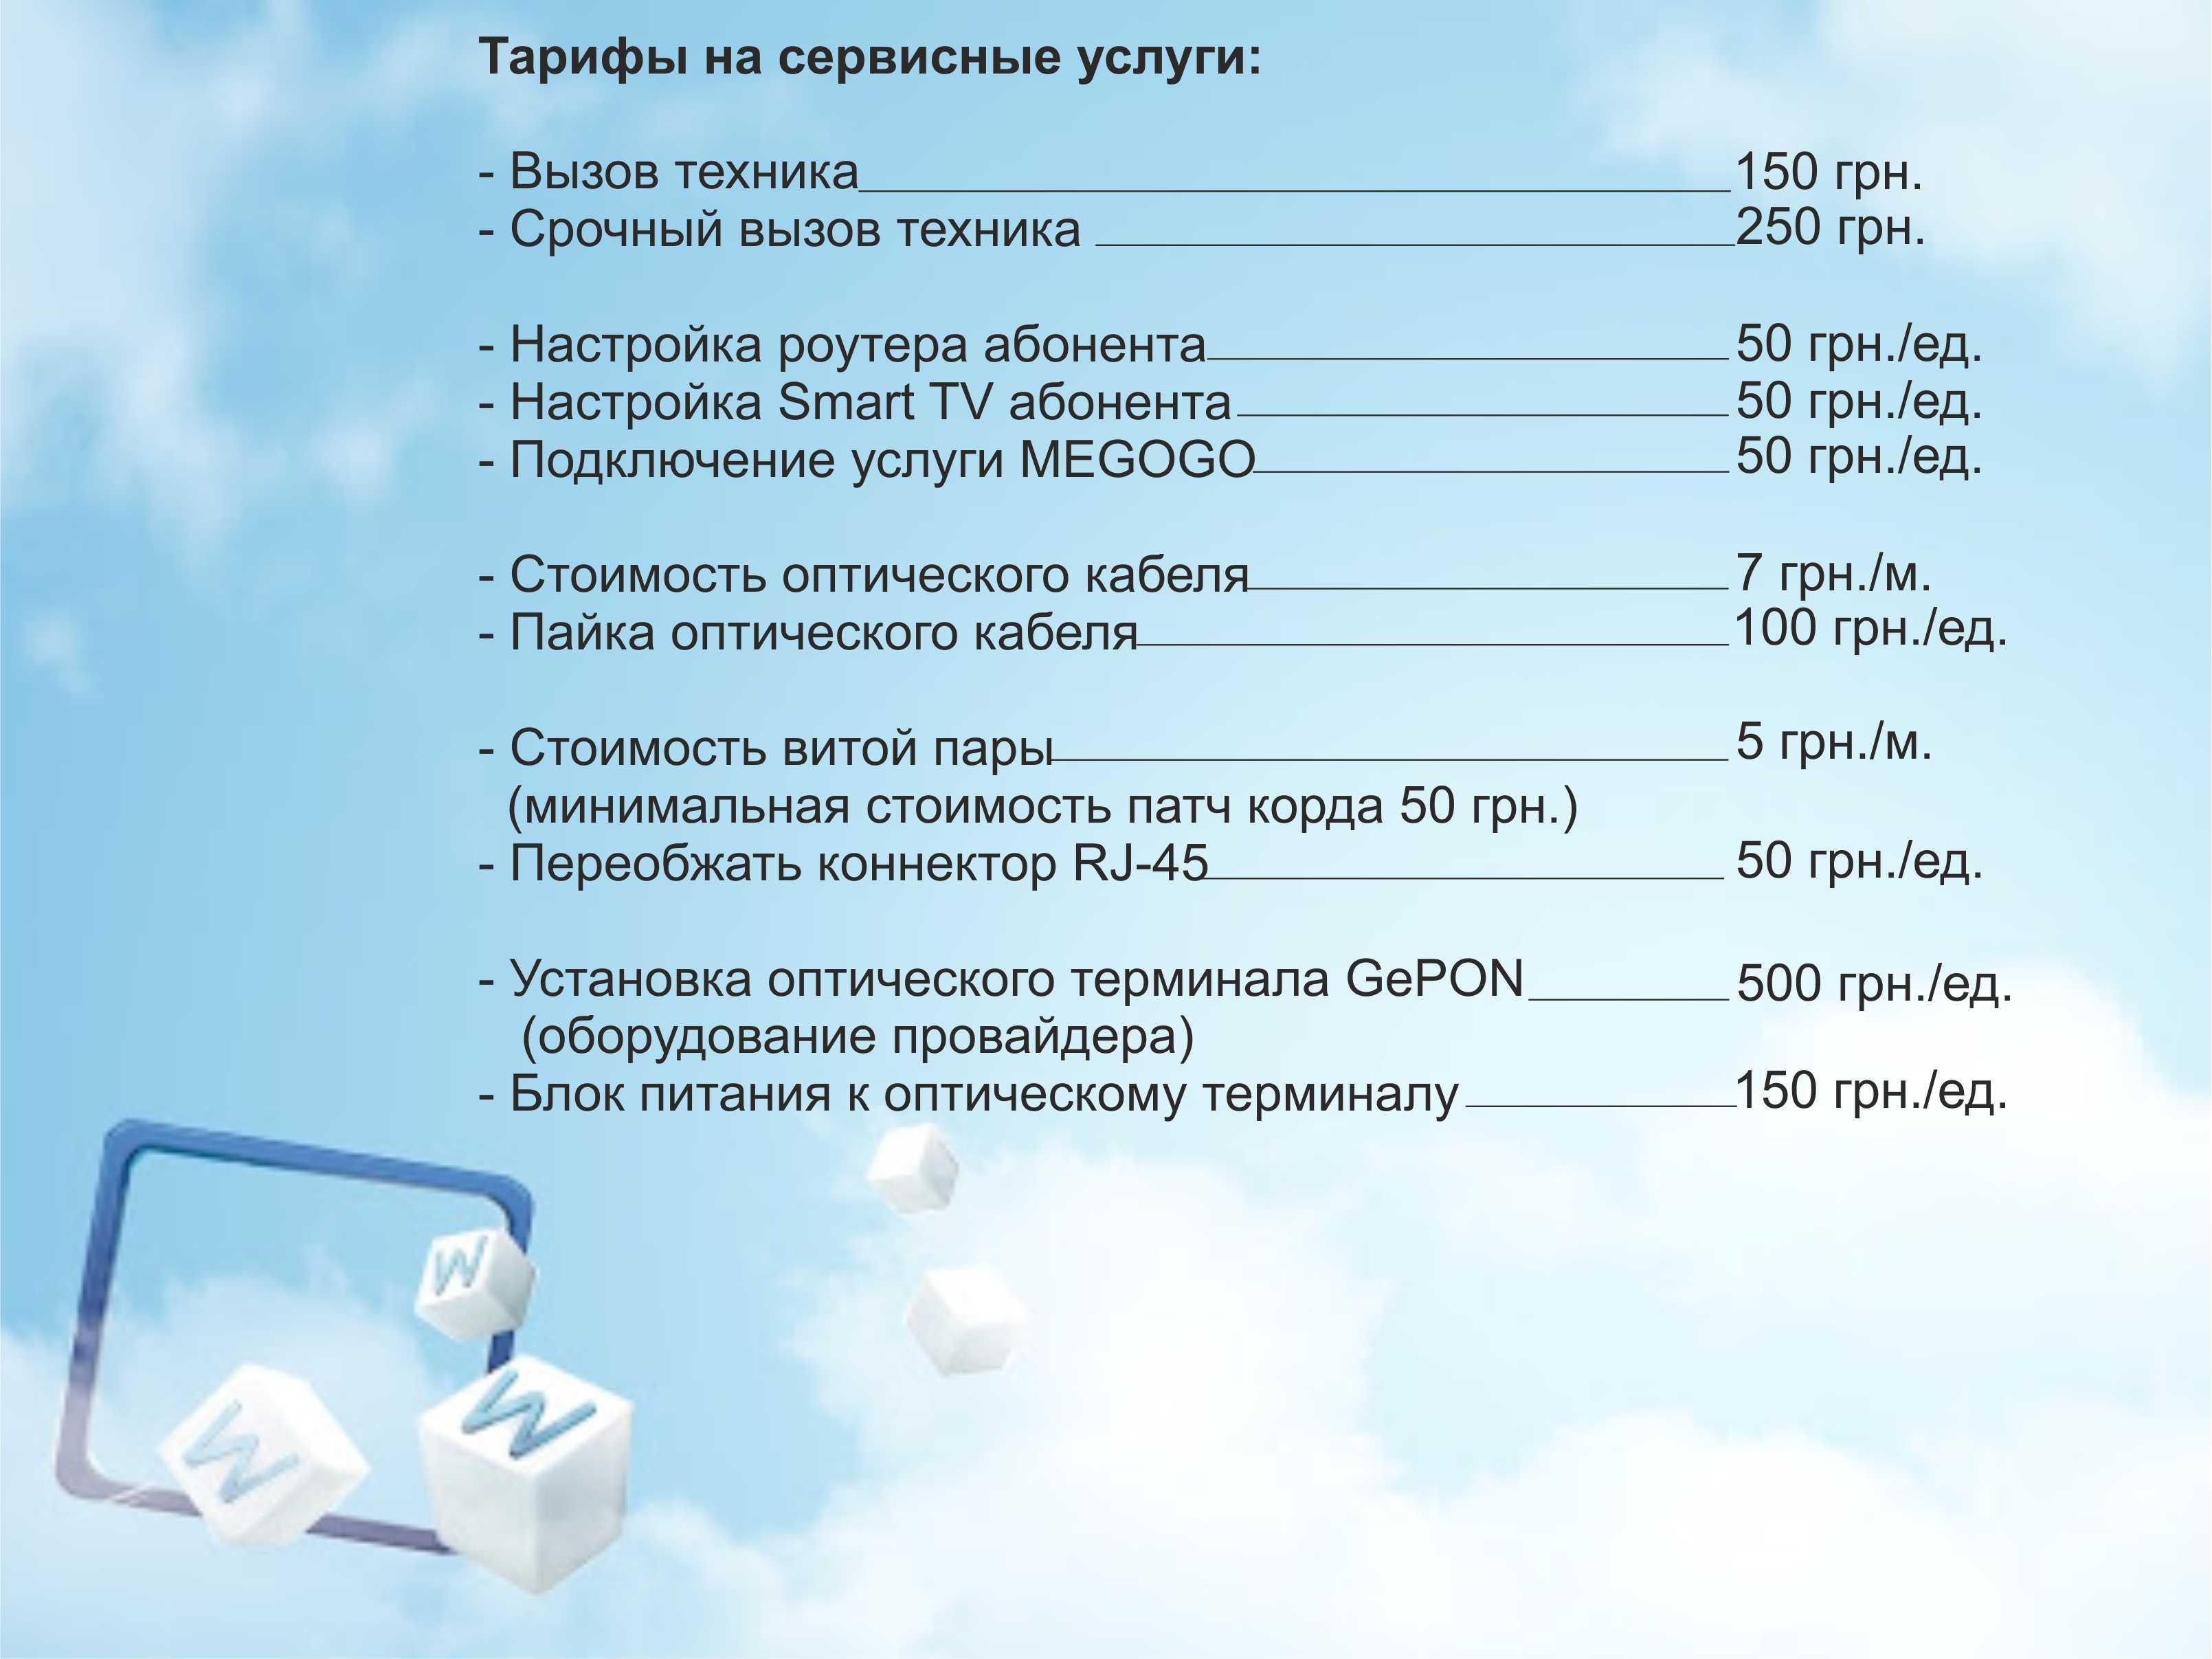 Тарифы на сервисные услуги